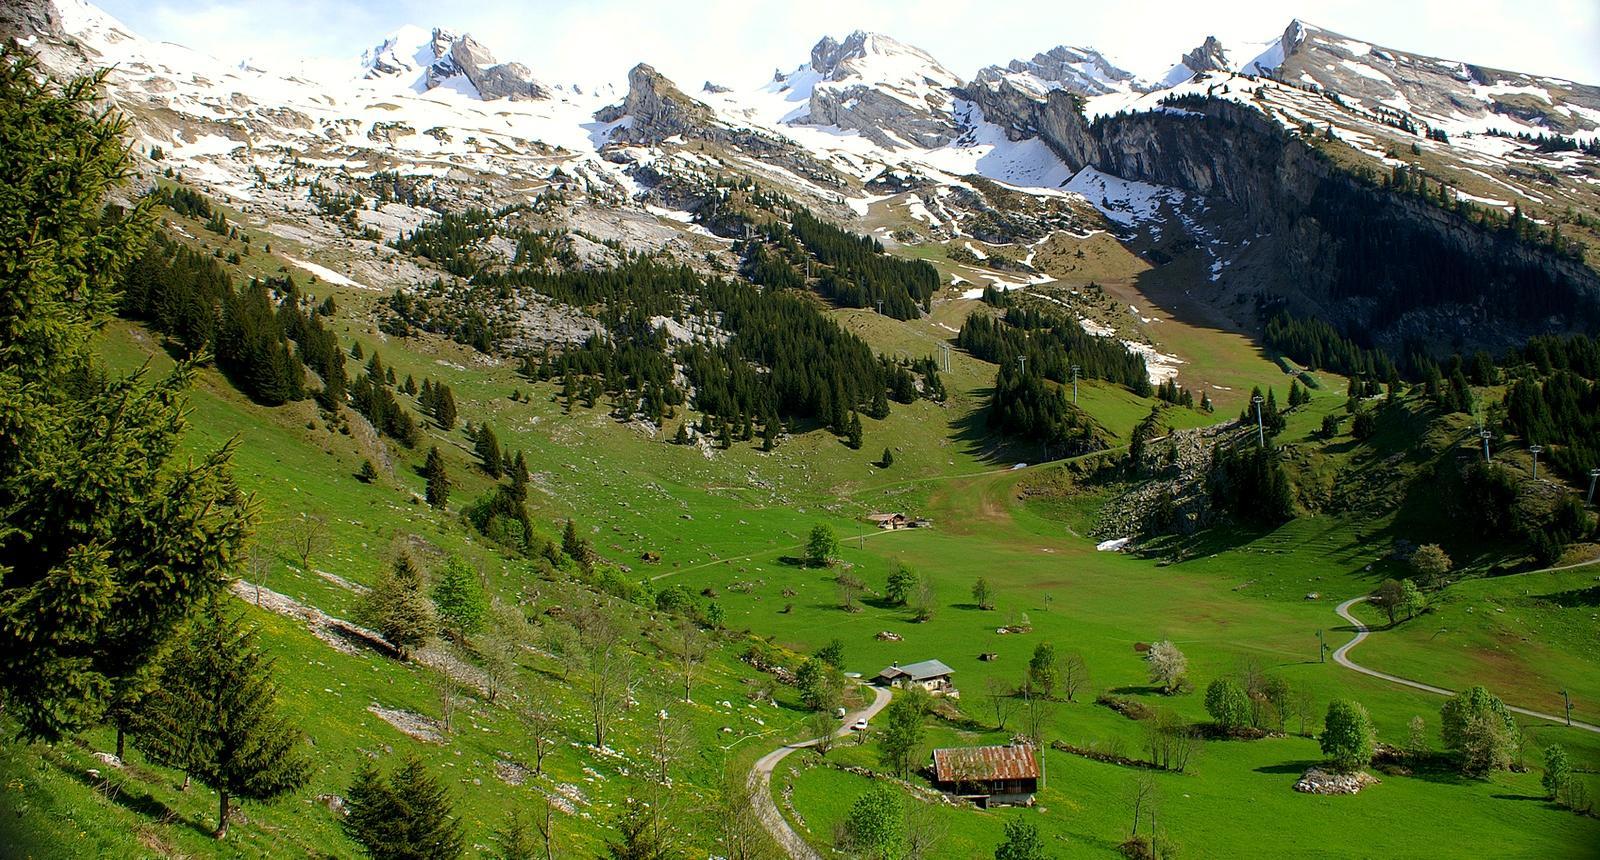 Image de fond de la thématique courante de Tourisme-en-france.com